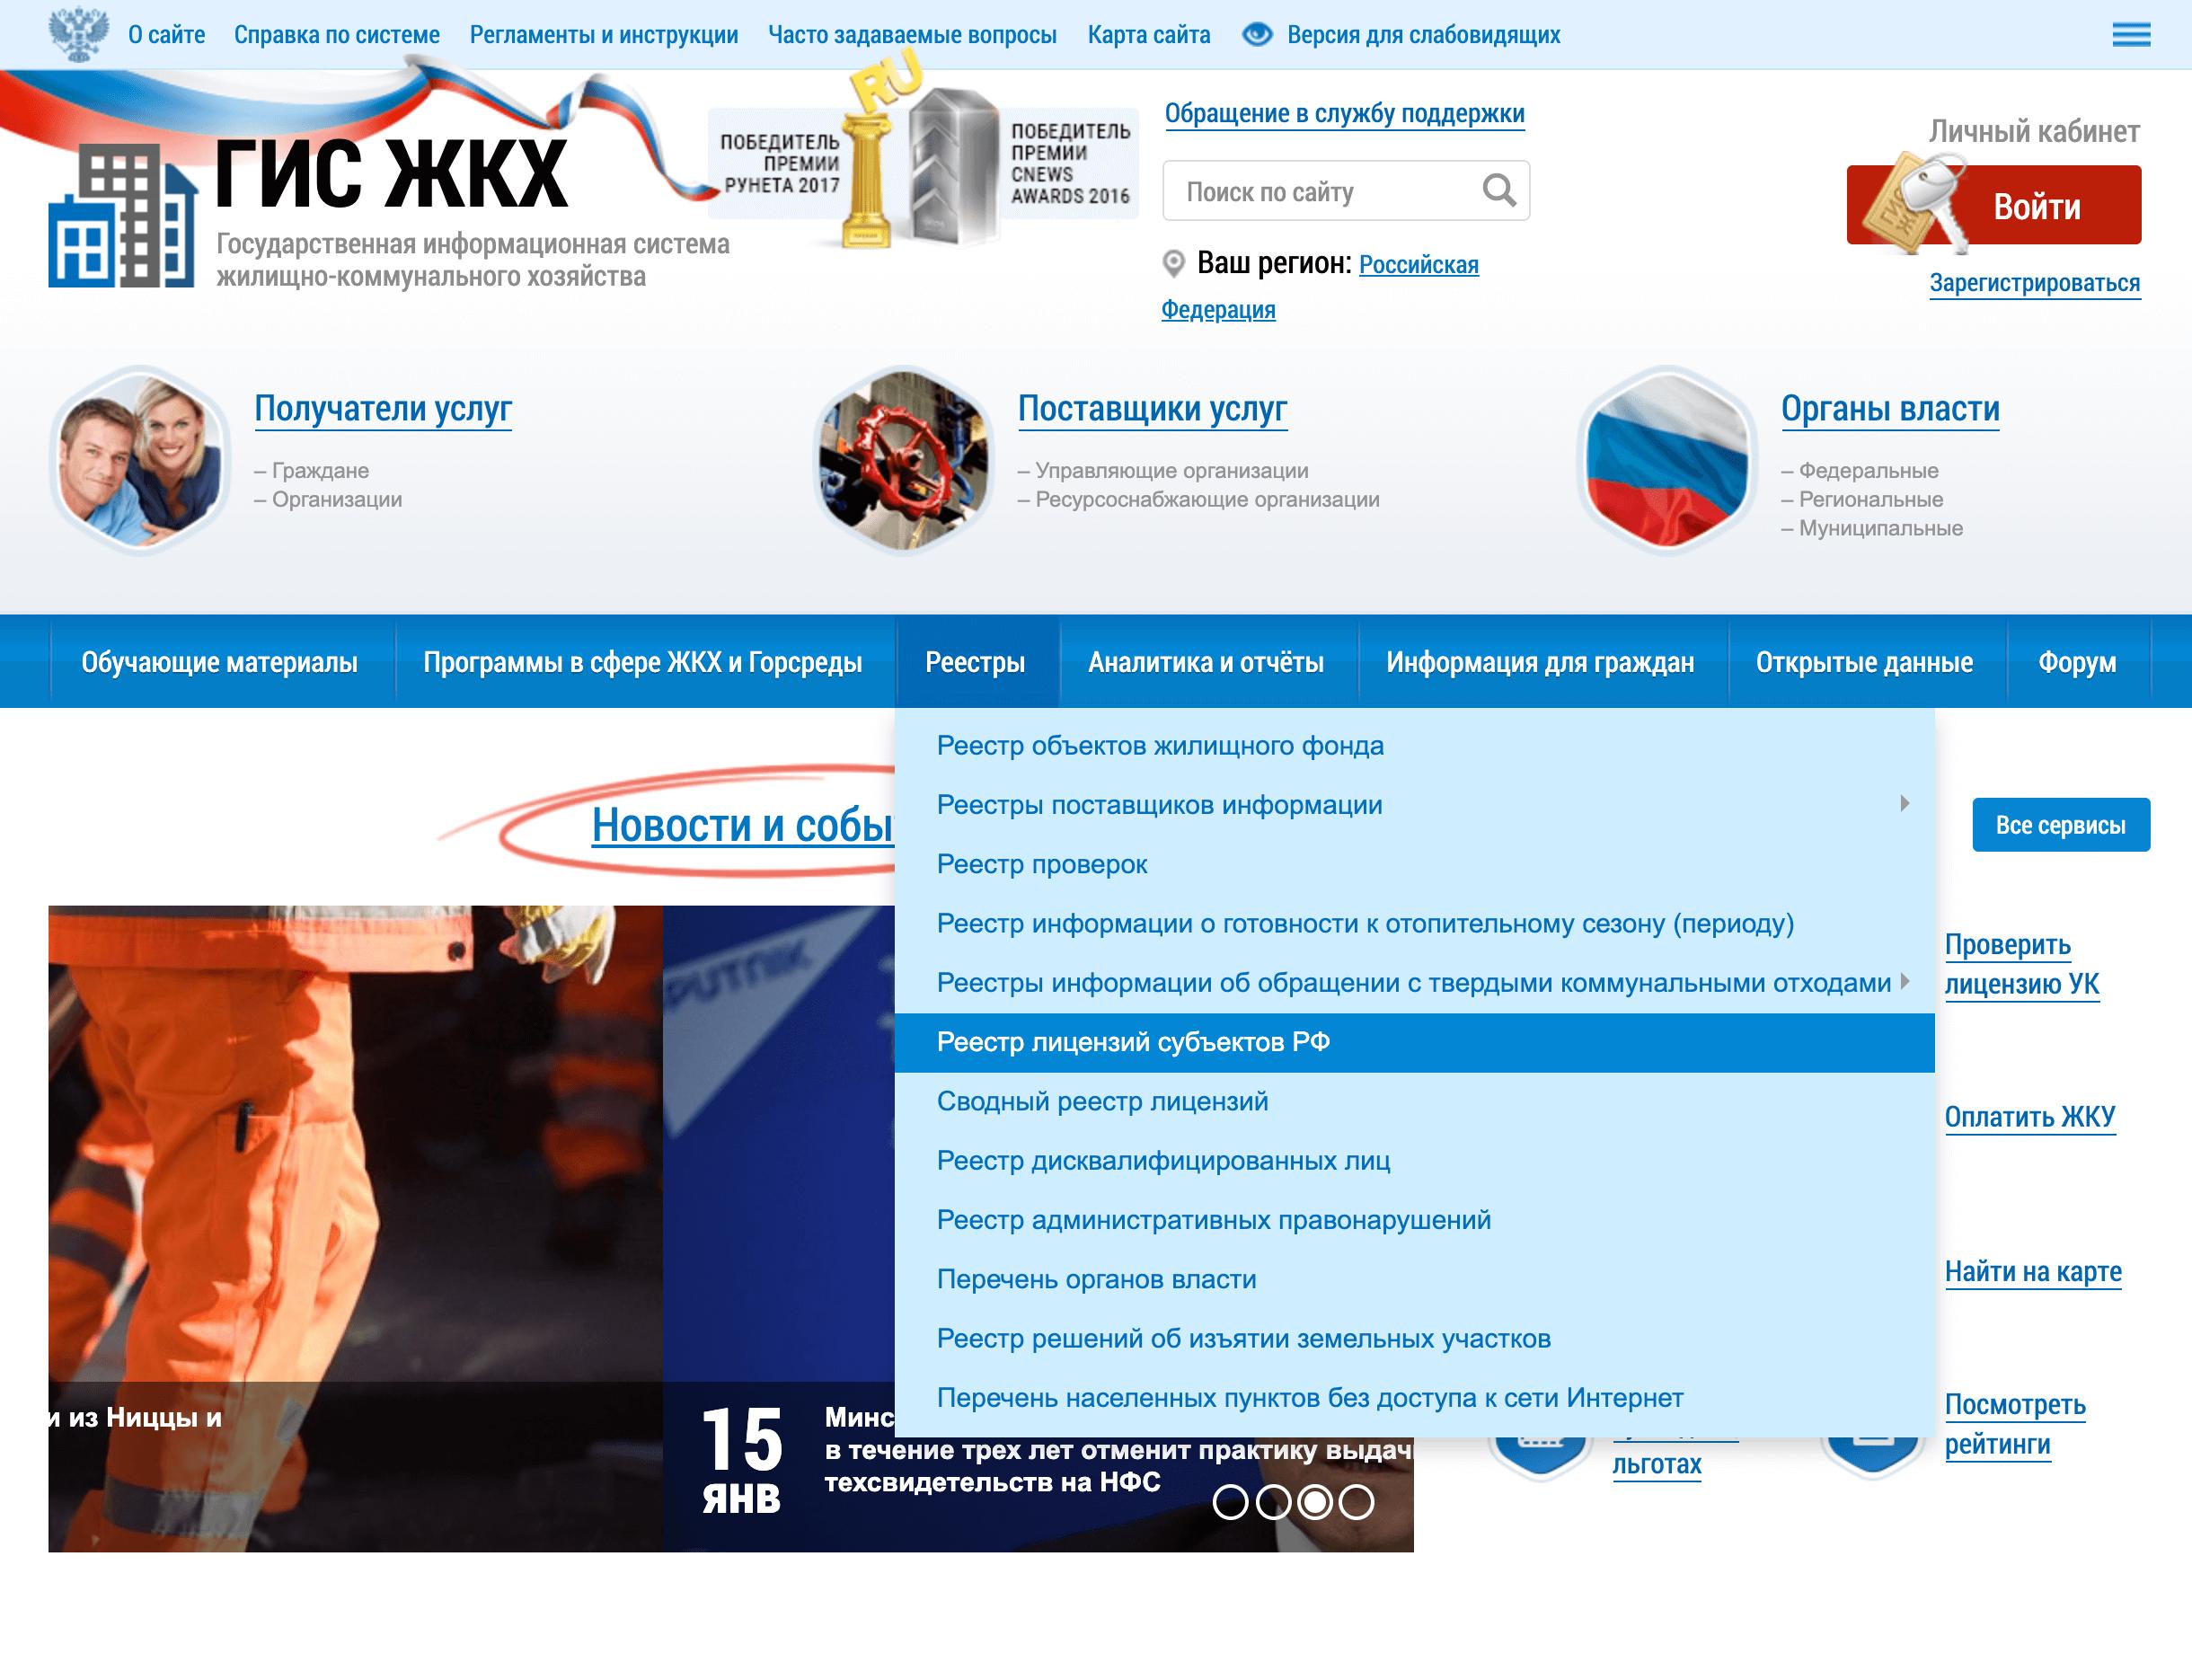 На портале ГИС ЖКХ в разделе «Реестры» выберите «Реестр лицензий субъектов РФ»